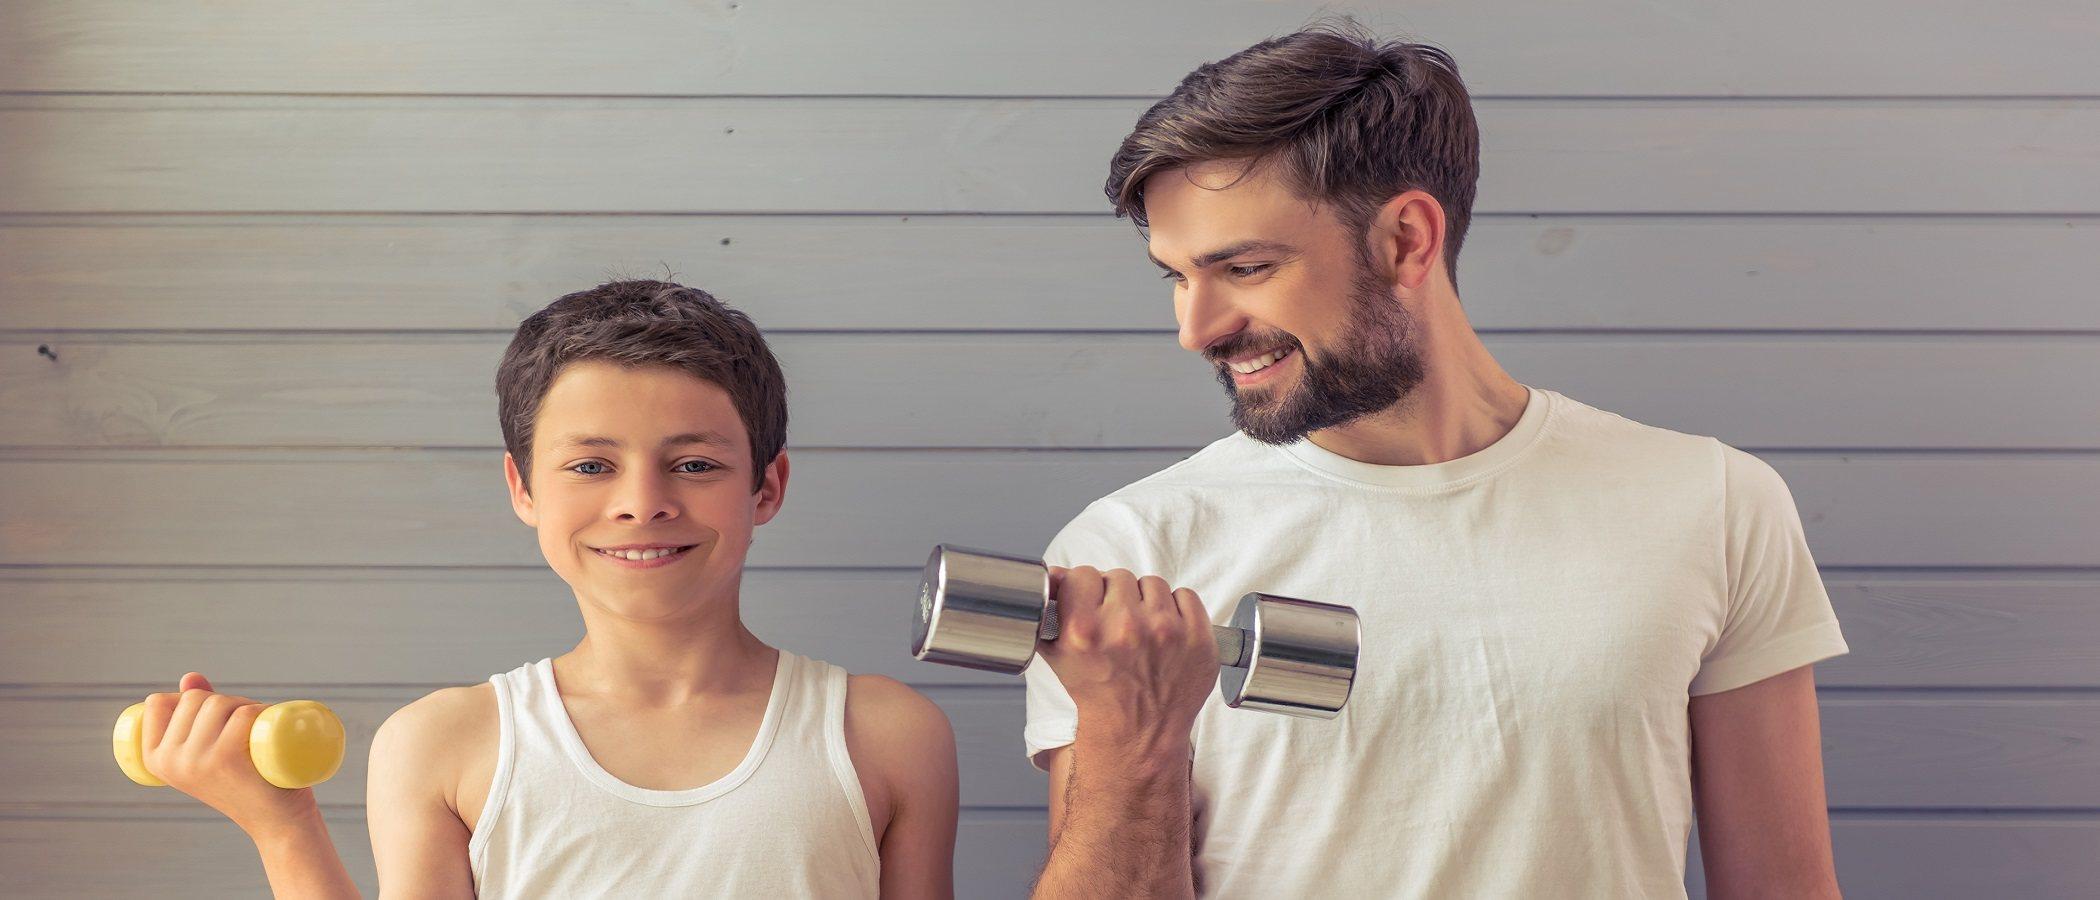 La atención positiva mejora el comportamiento infantil